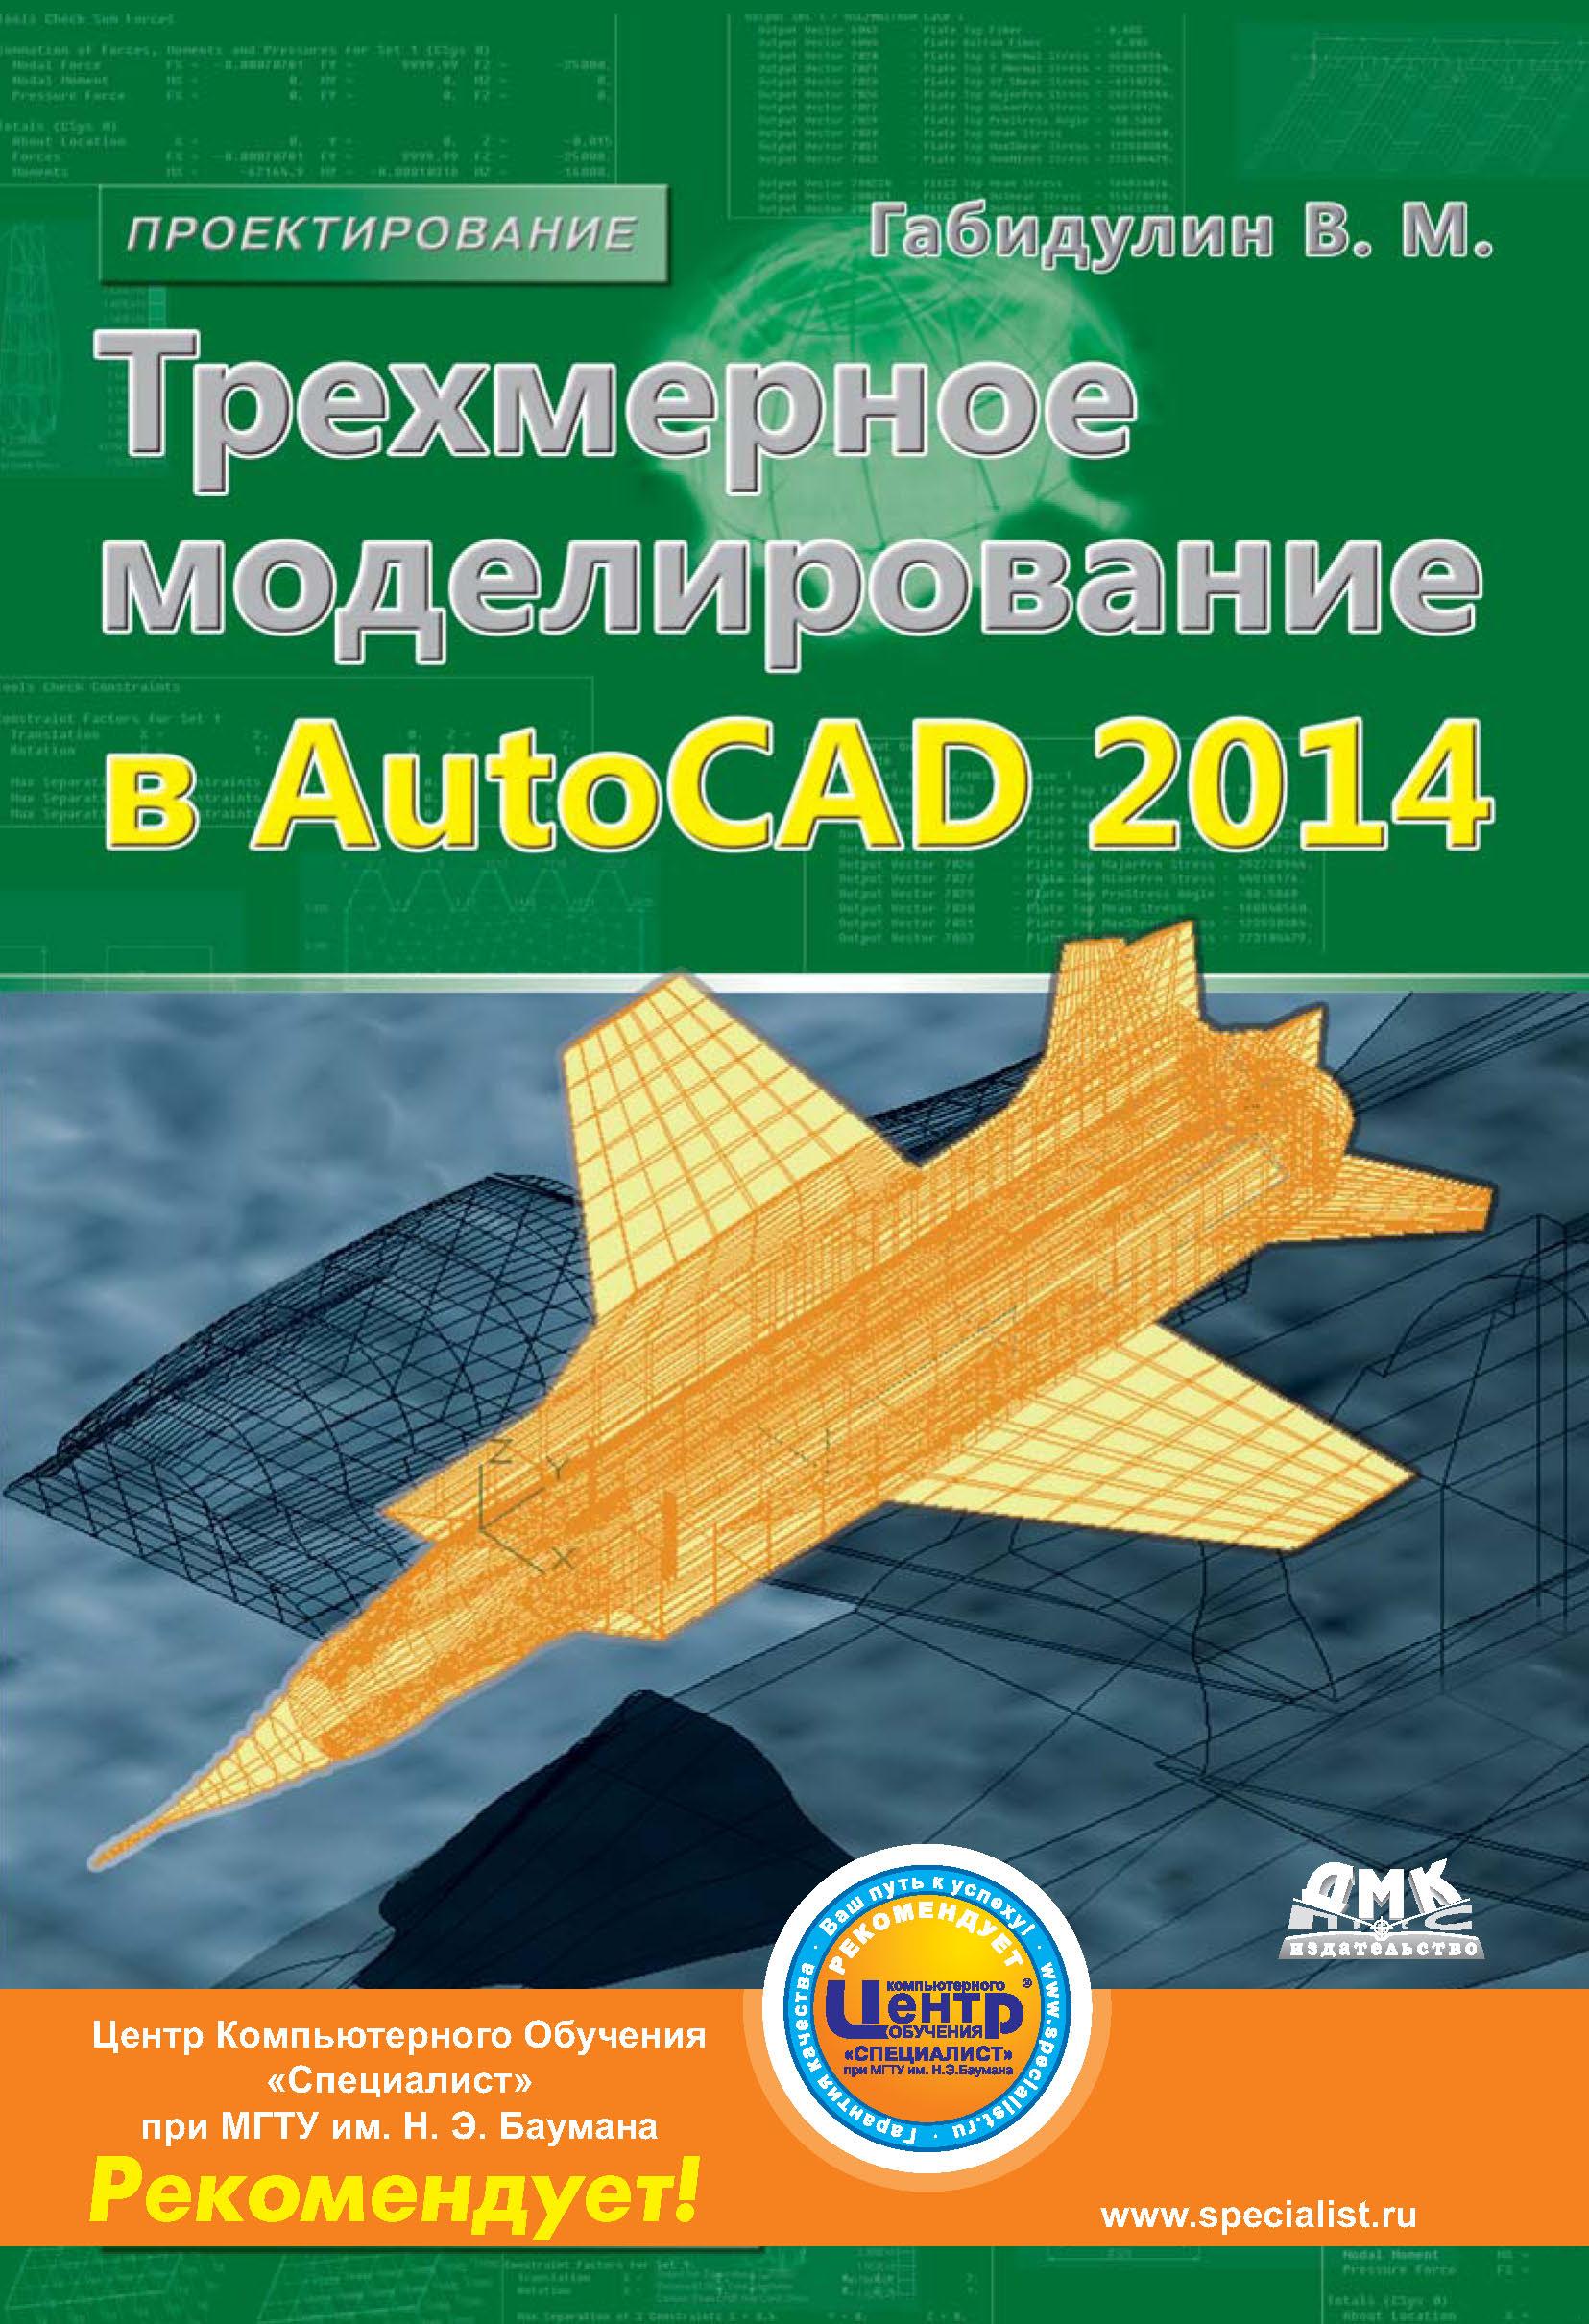 В. М. Габидулин Трехмерное моделирование в AutoCAD 2014 autocad 2014机械制图